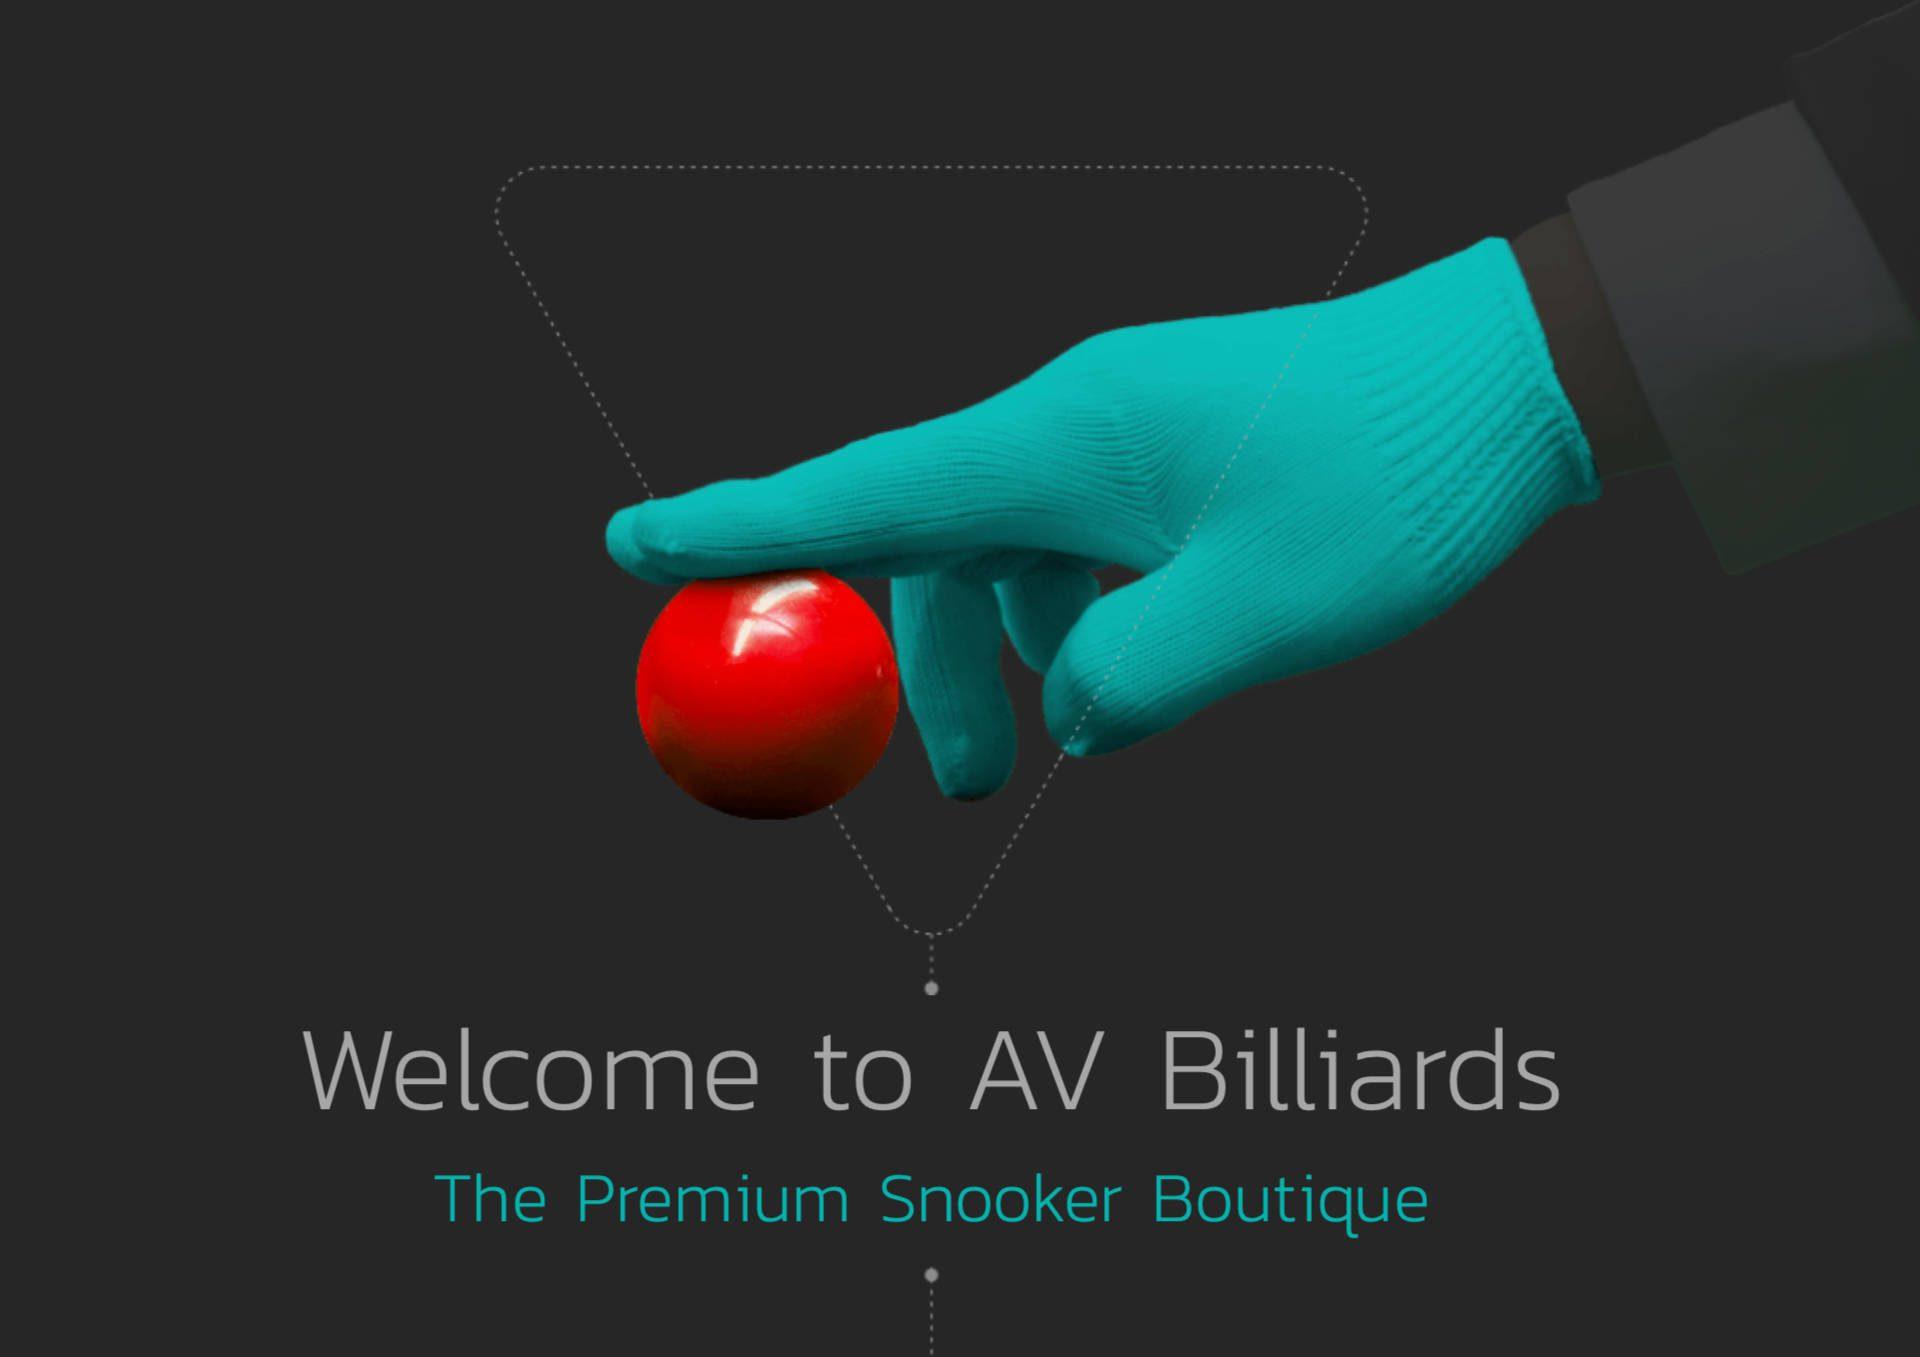 AV Billiards